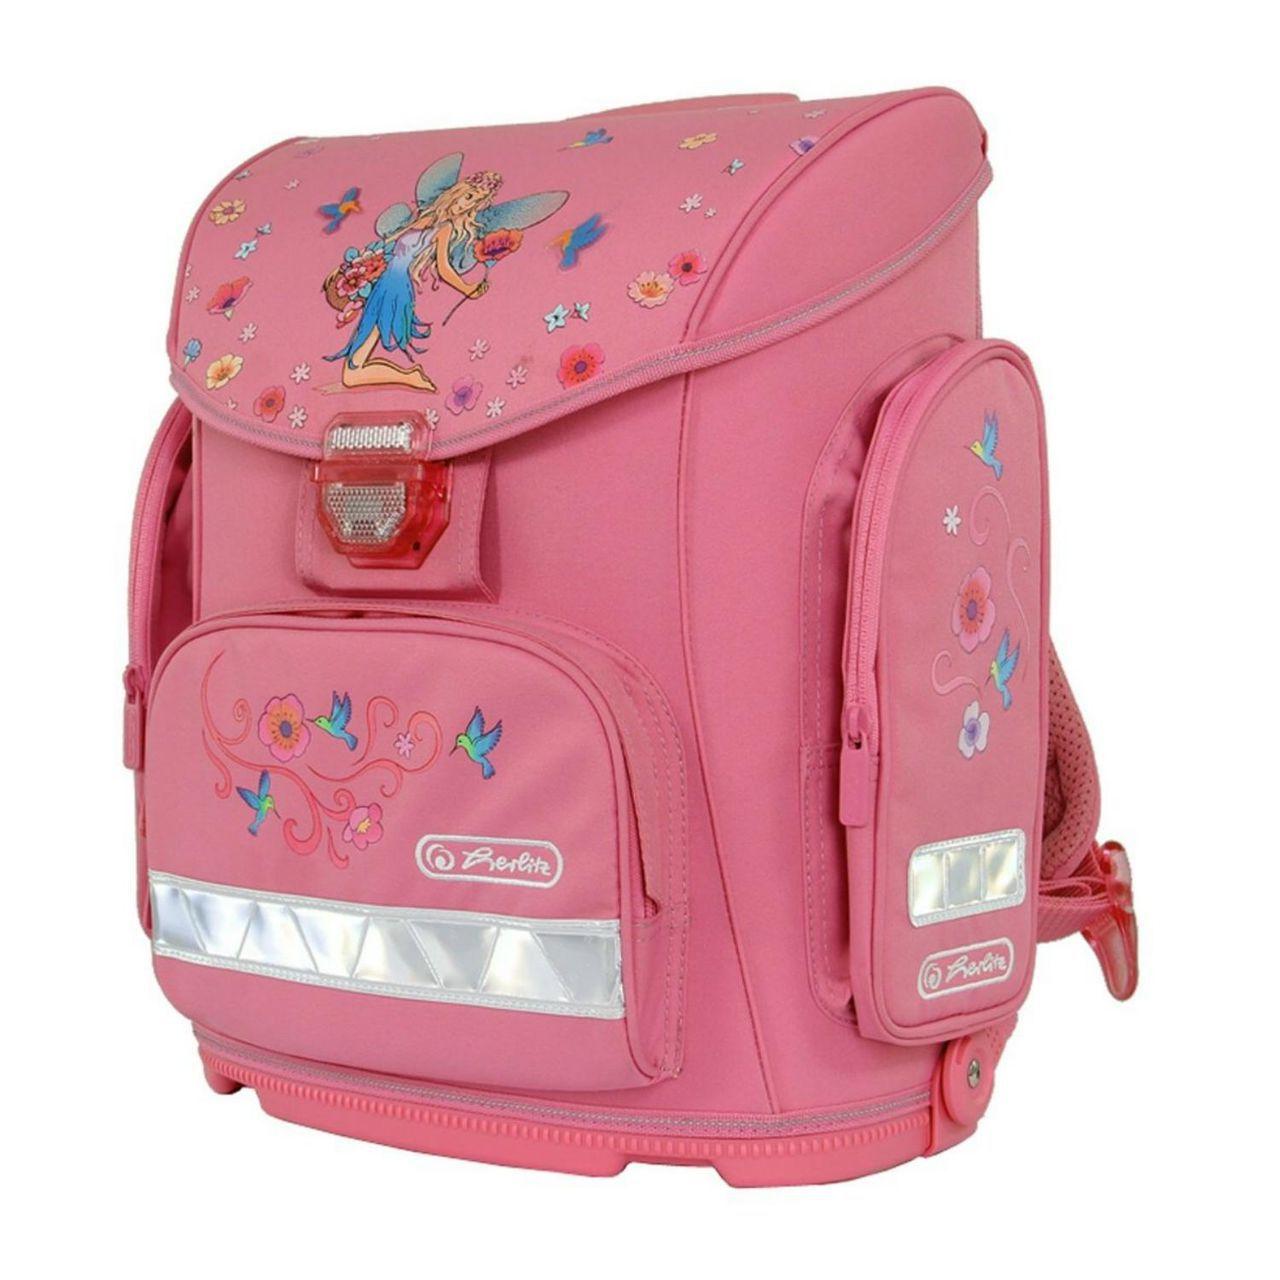 Школьные рюкзаки для подростков девочек 6 класс рюкзаки сумки nike